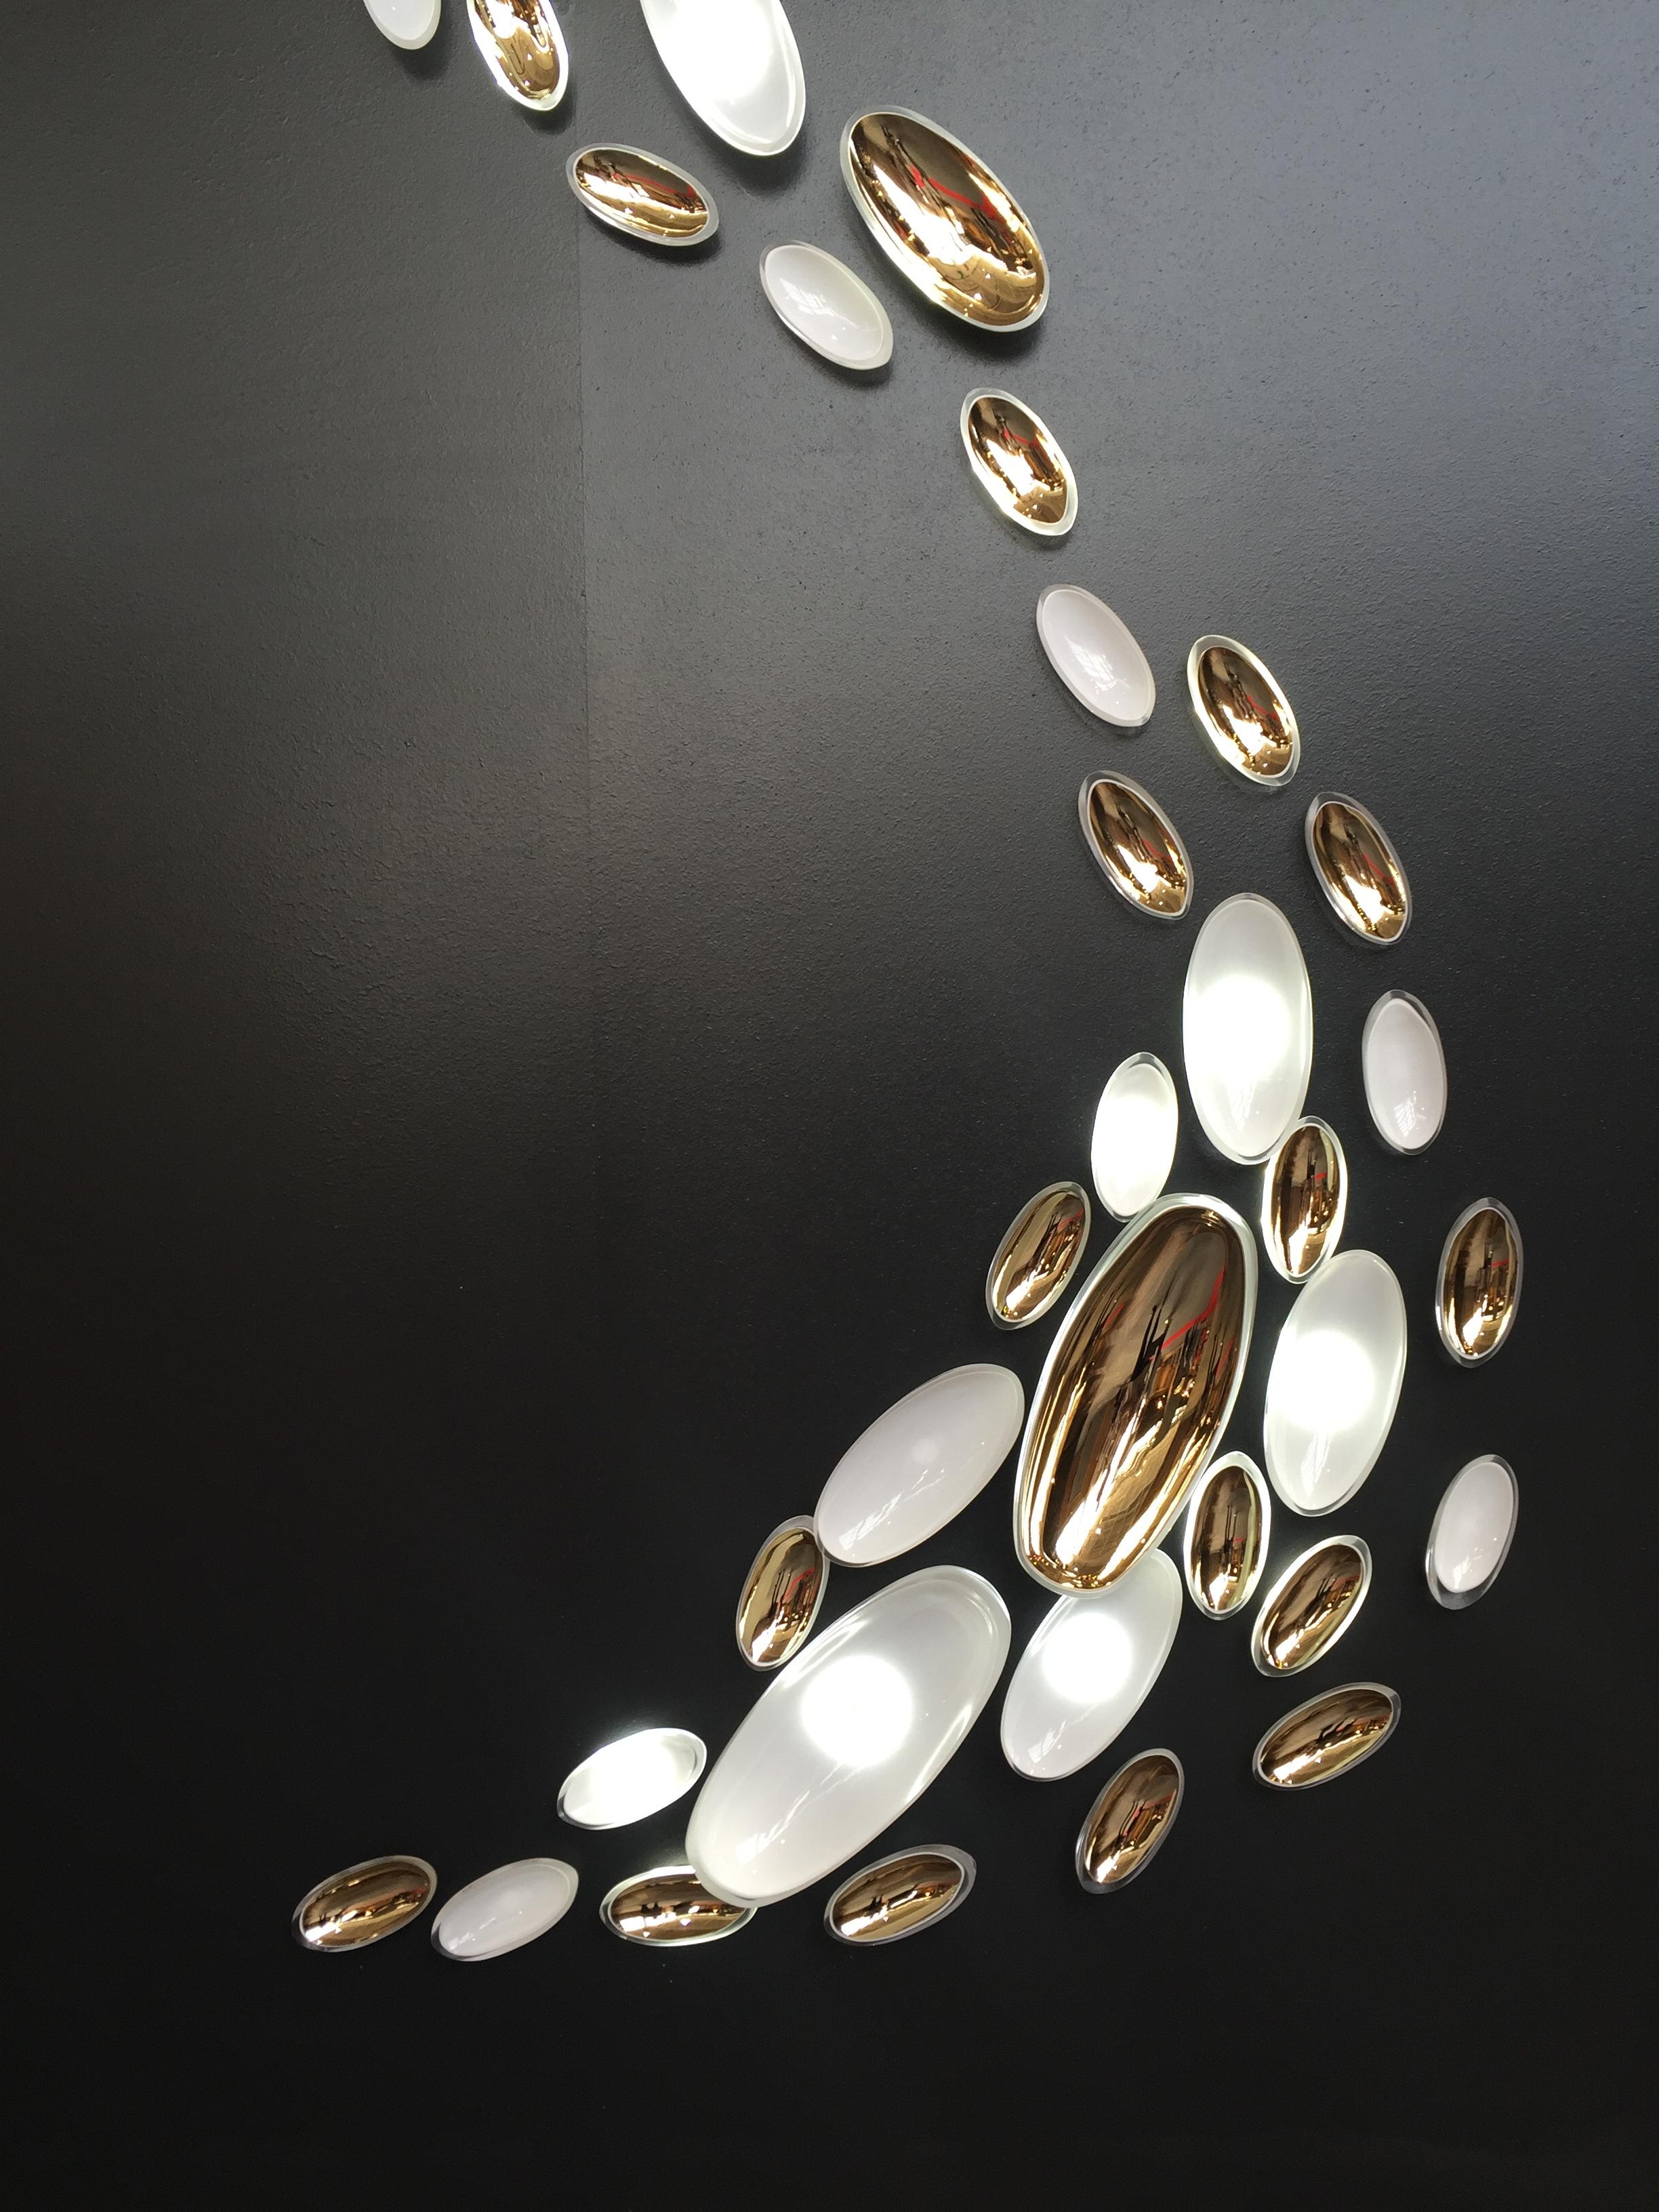 Maison&Objet 2016 September edition - Bespoke lighting | Masha Shapiro Agency.jpg